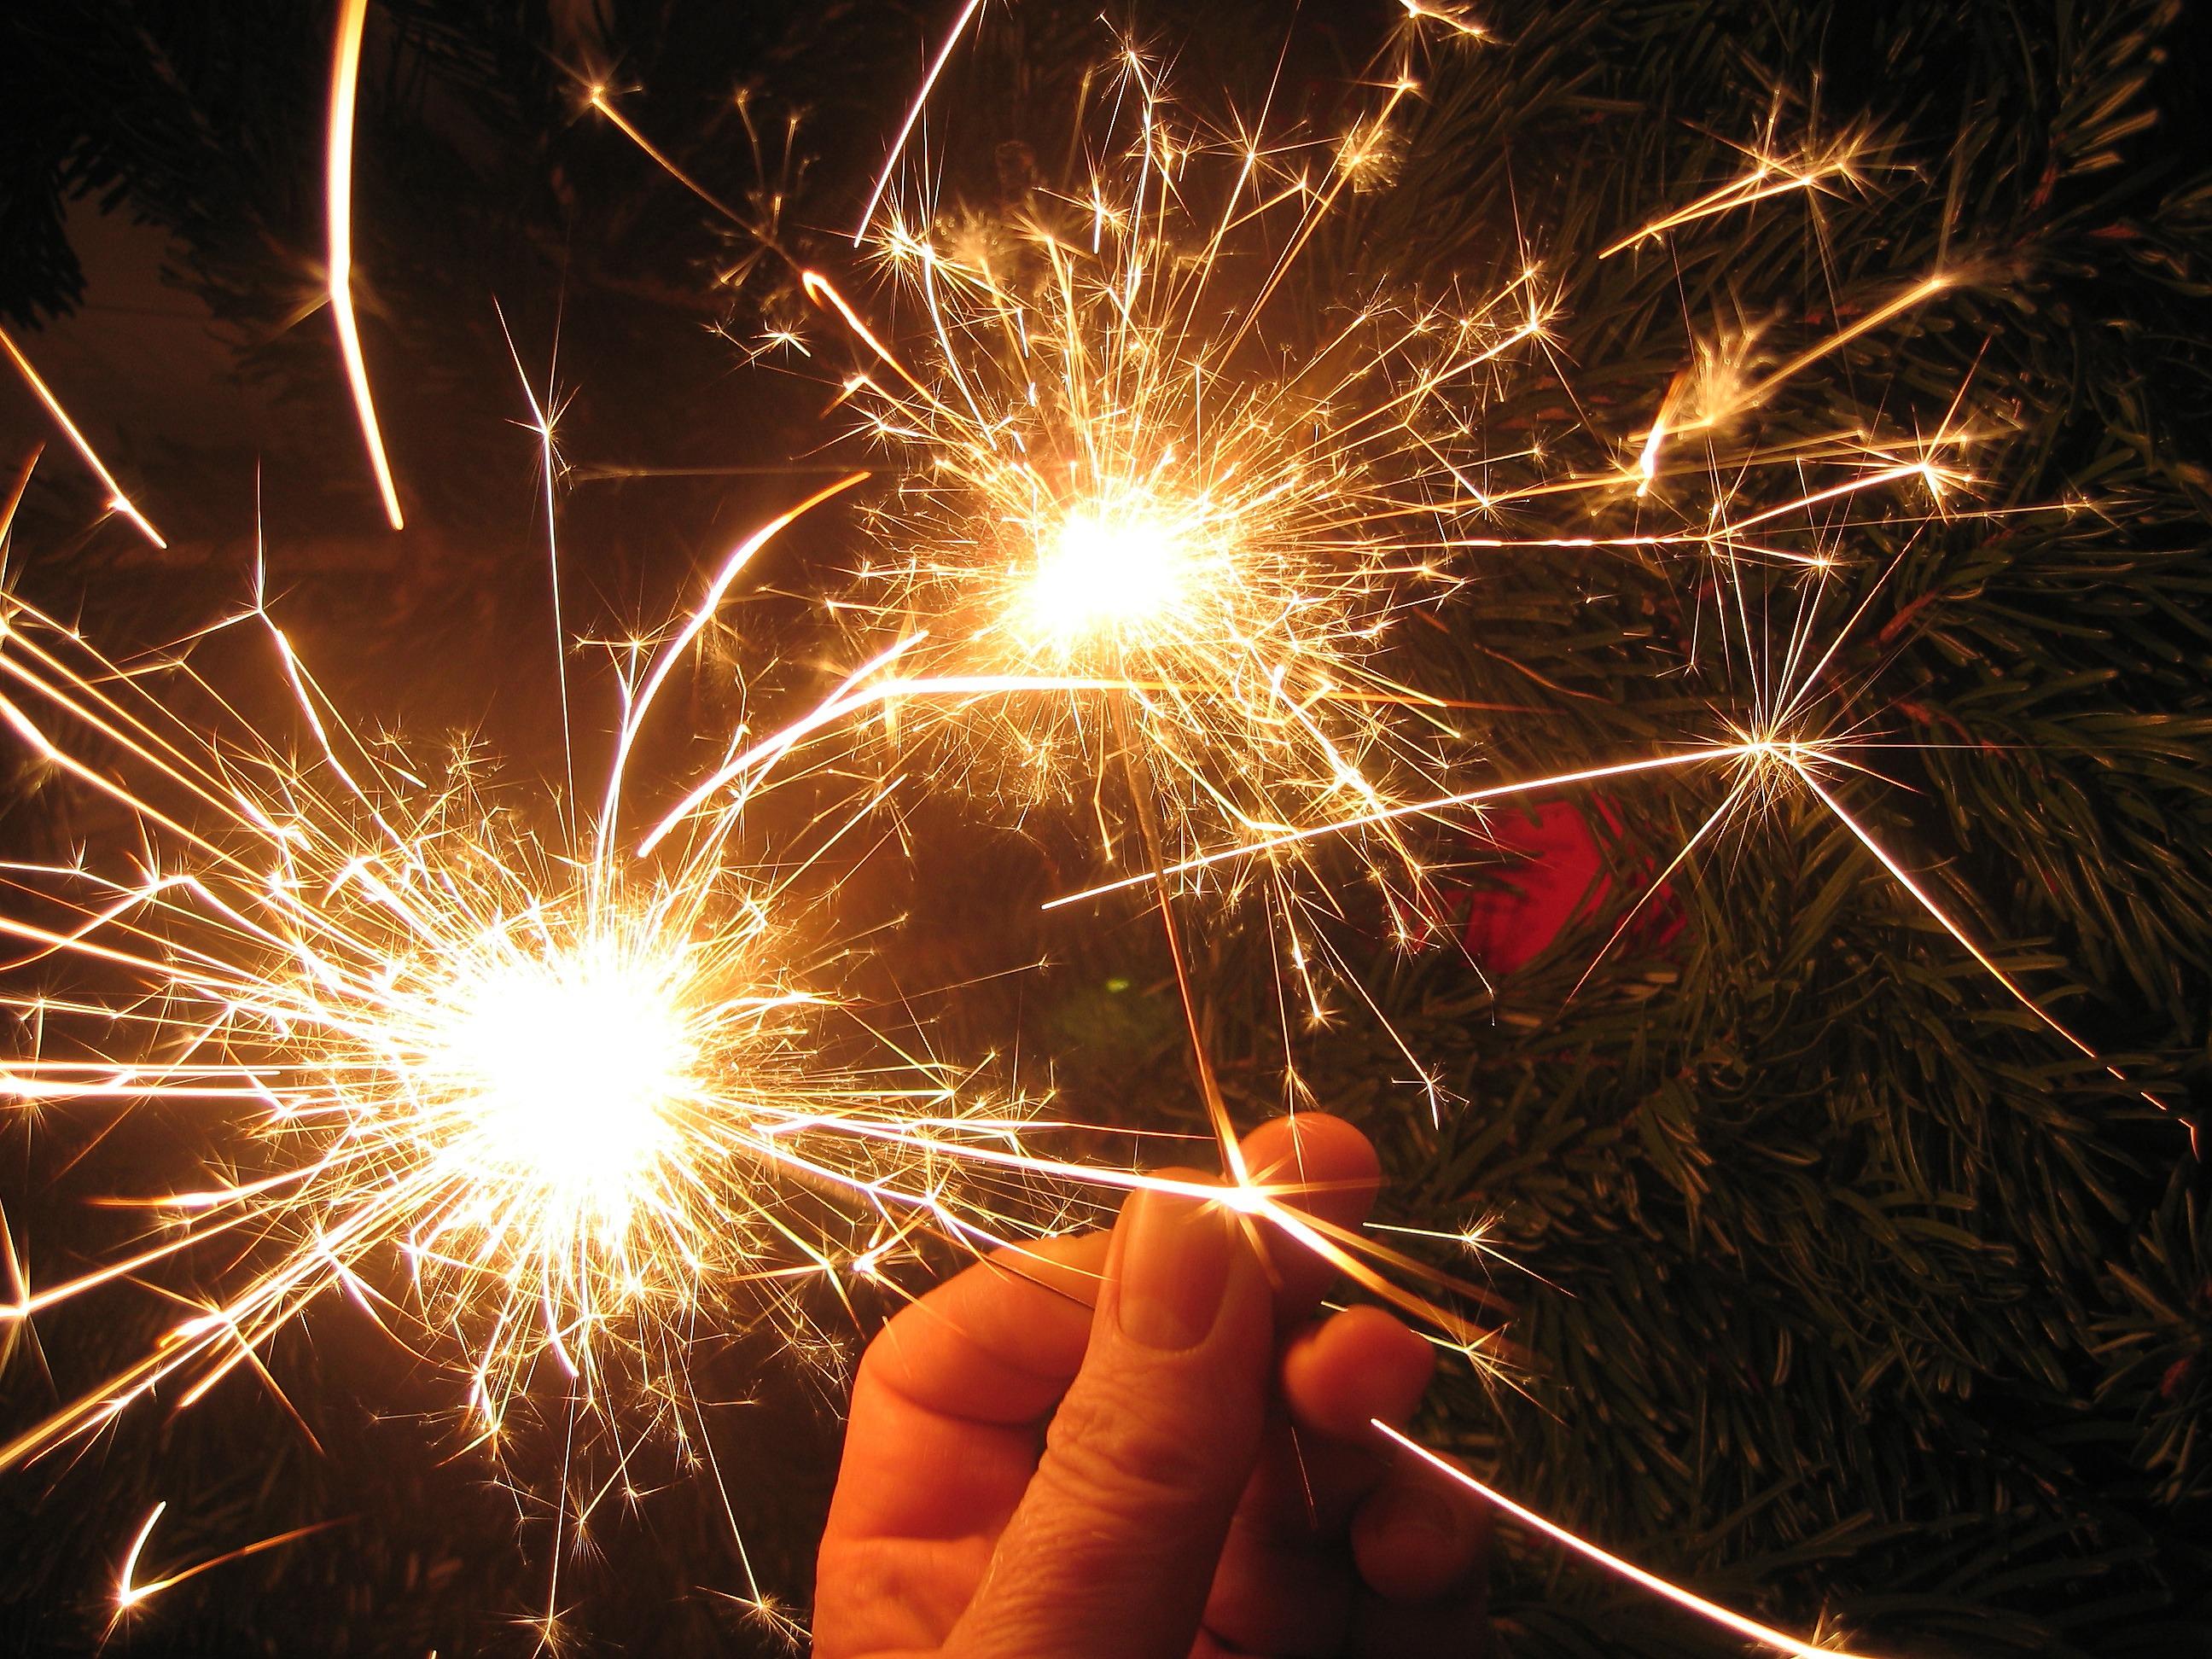 этой бенгальские огни фото новый год потолки являются